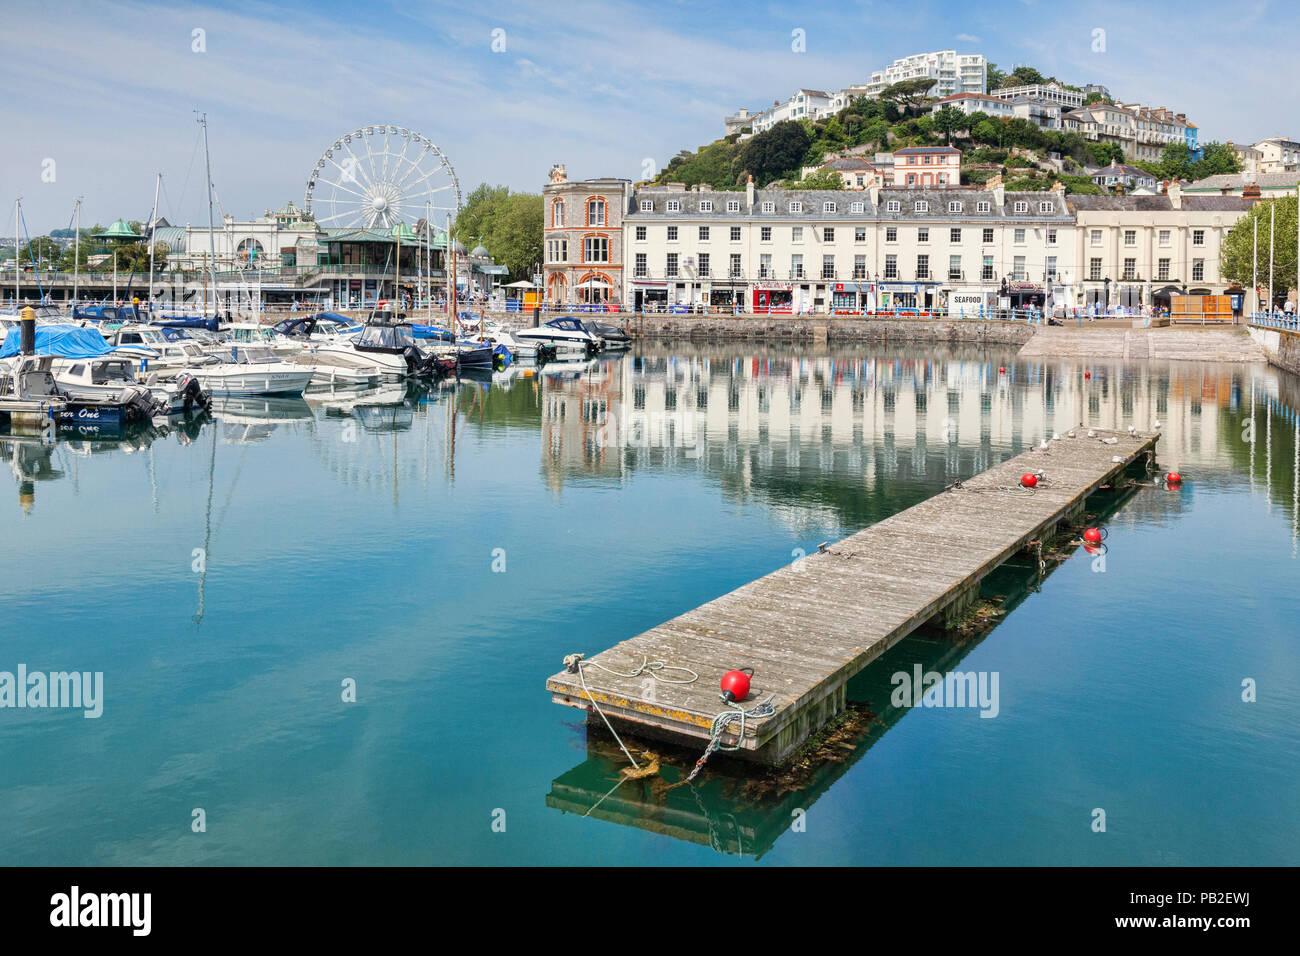 21 de mayo de 2018: Torquay, Devon, Inglaterra, REINO UNIDO - La Marina, puerto y ciudad en un soleado día de primavera. Imagen De Stock